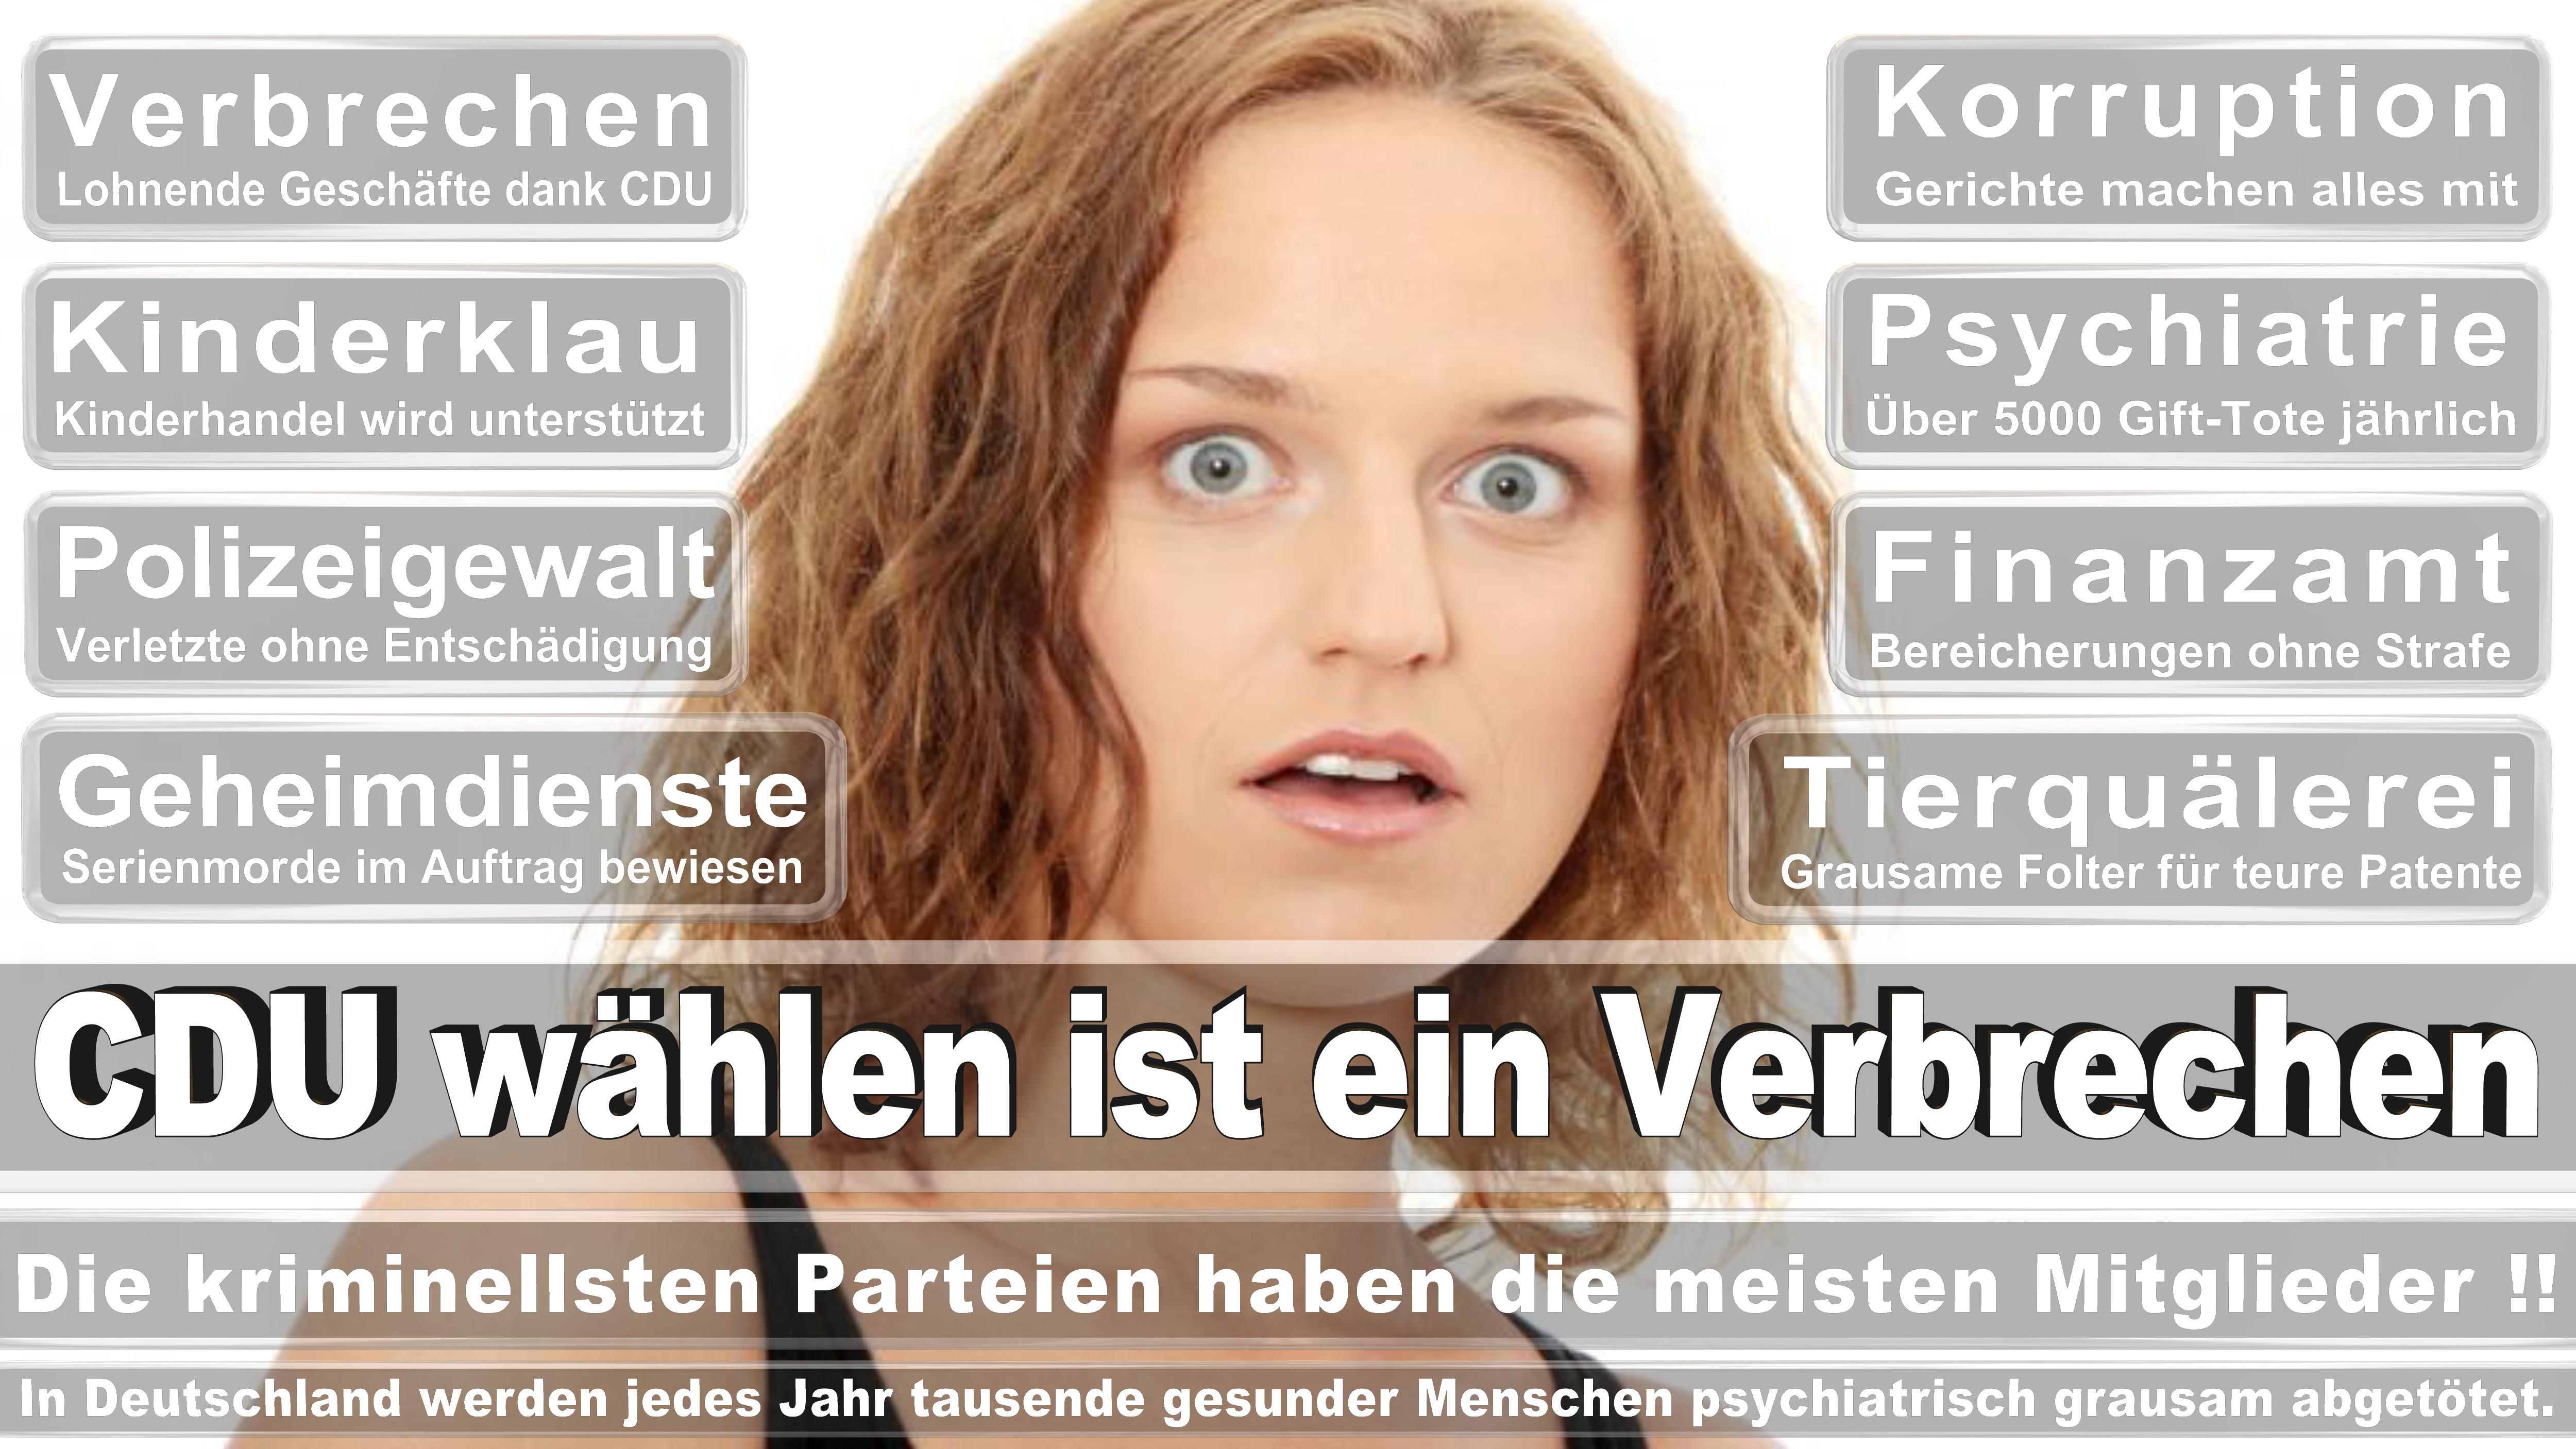 Norbert Barthle CDU Baden Württemberg Backnang Schwäbisch Gmünd Politiker Deutschland